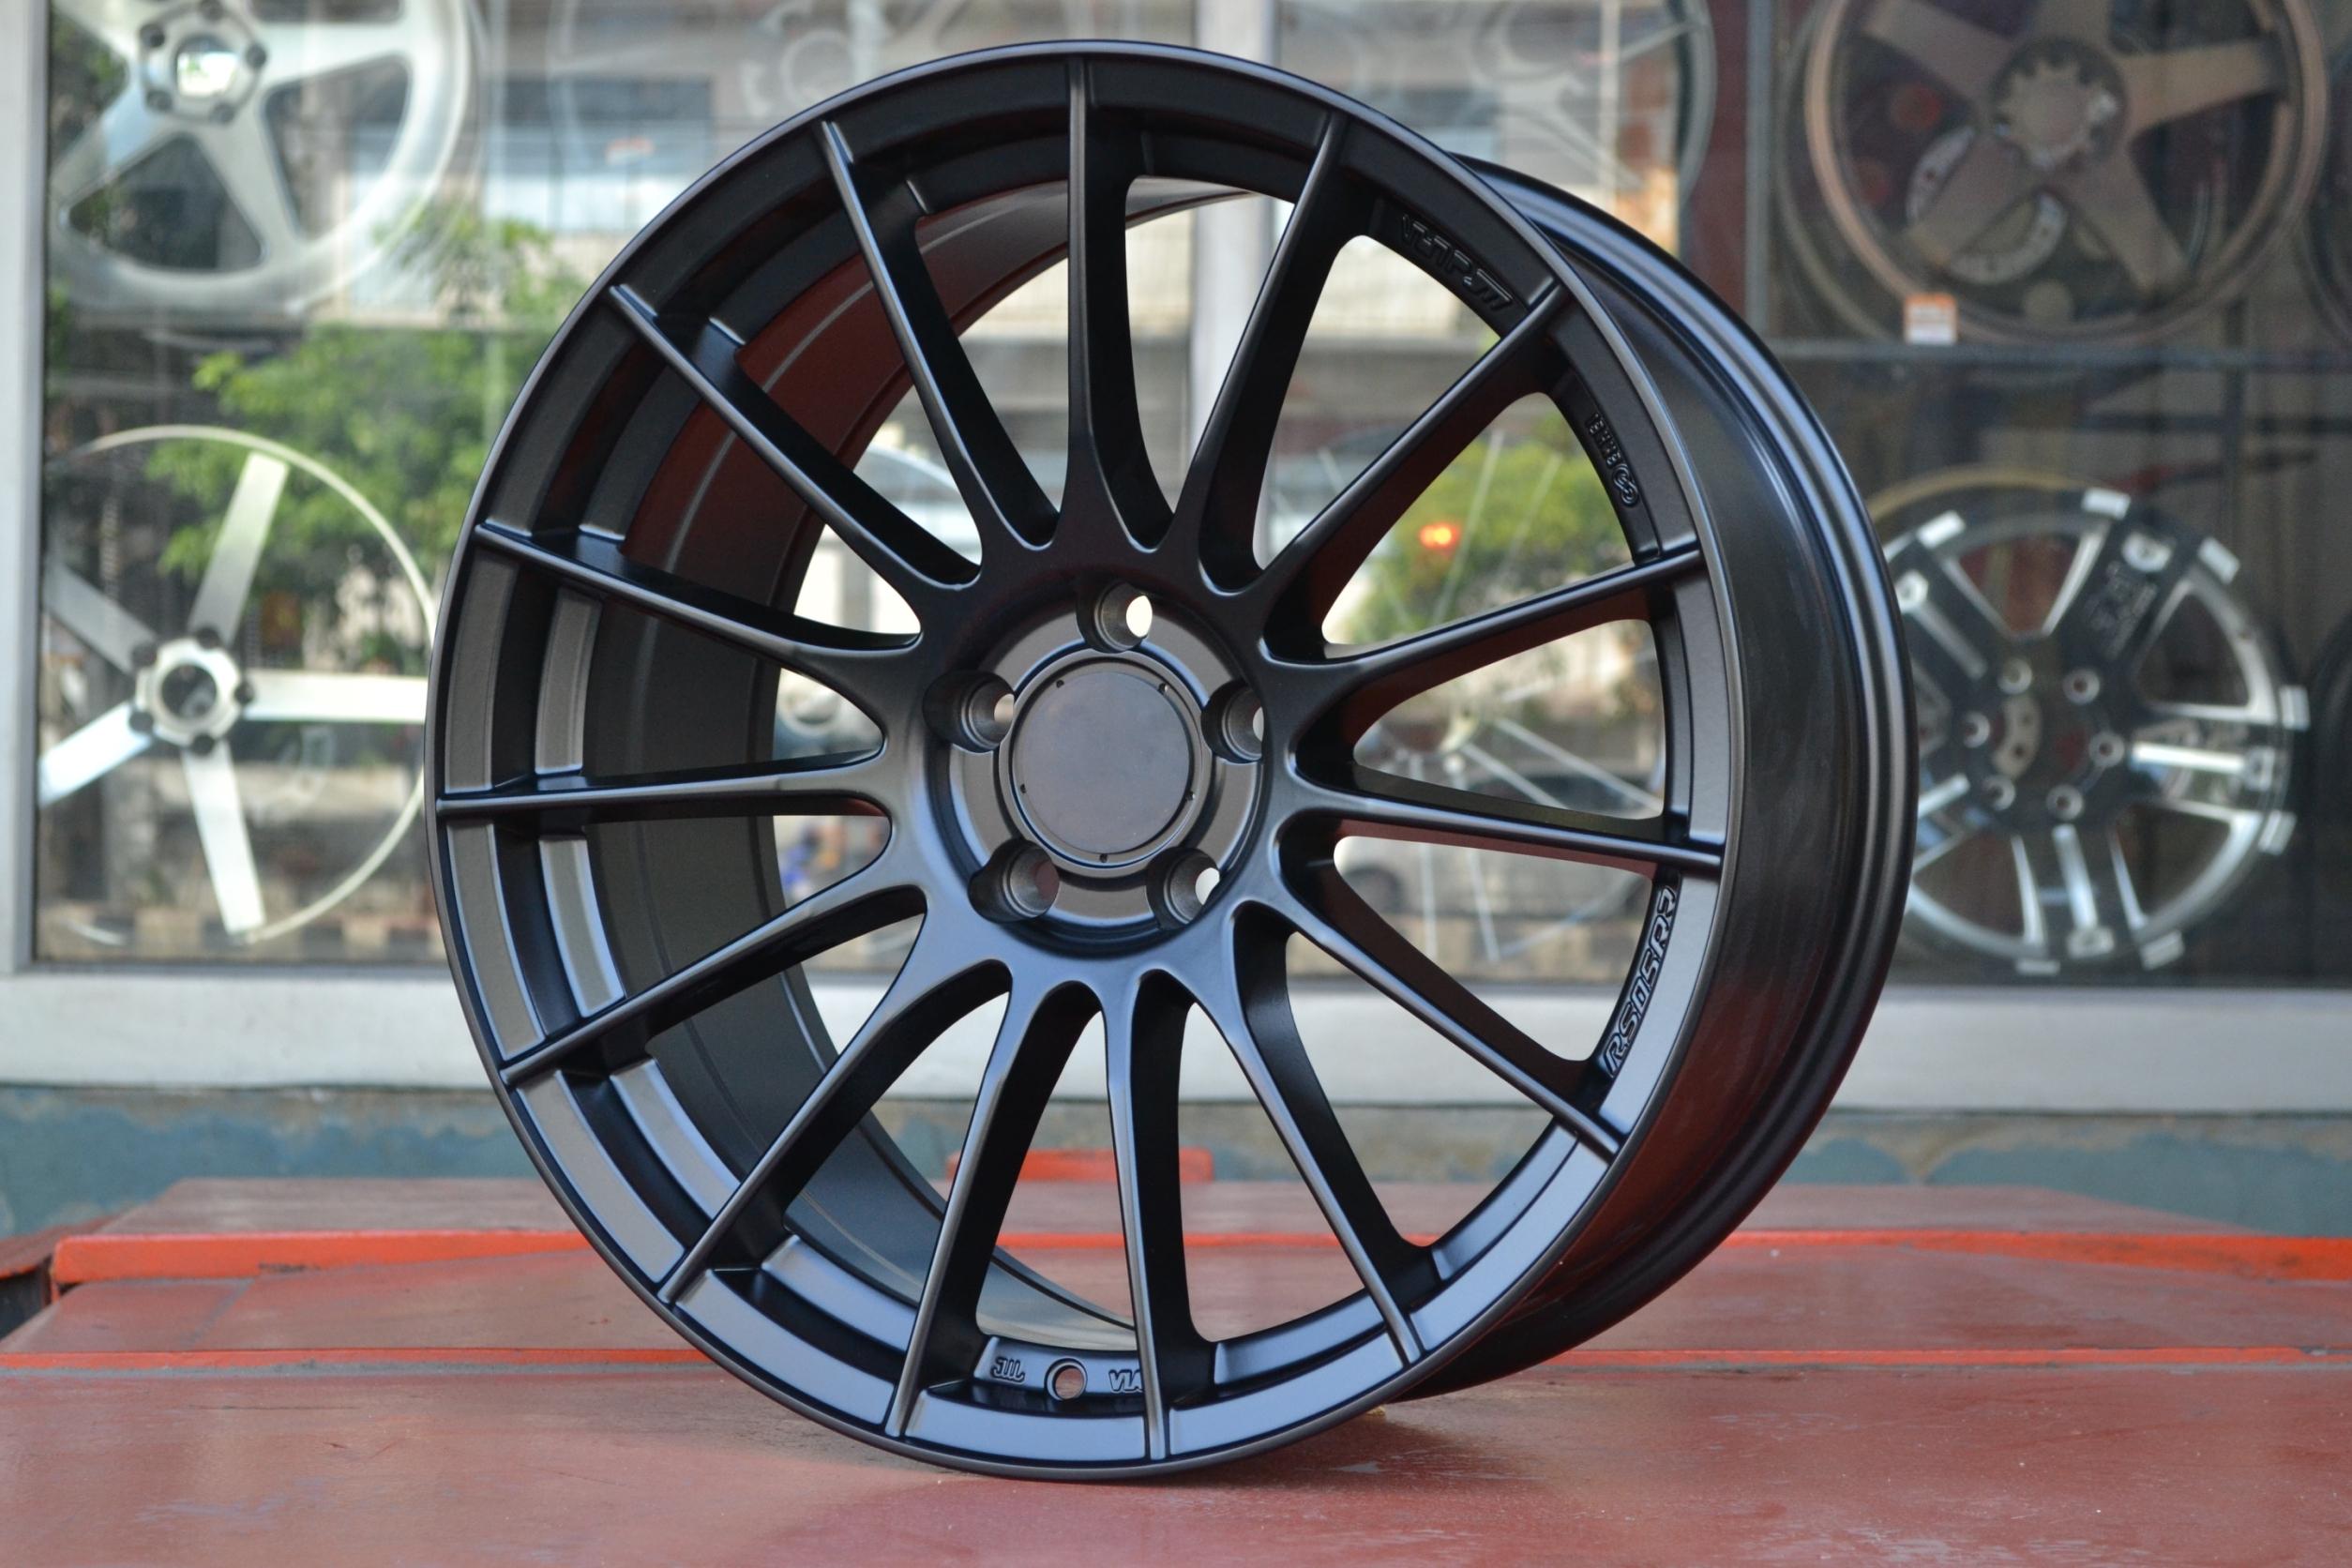 ล้อแม็กซ์ RS05RR 18นิ้ว MF-1198